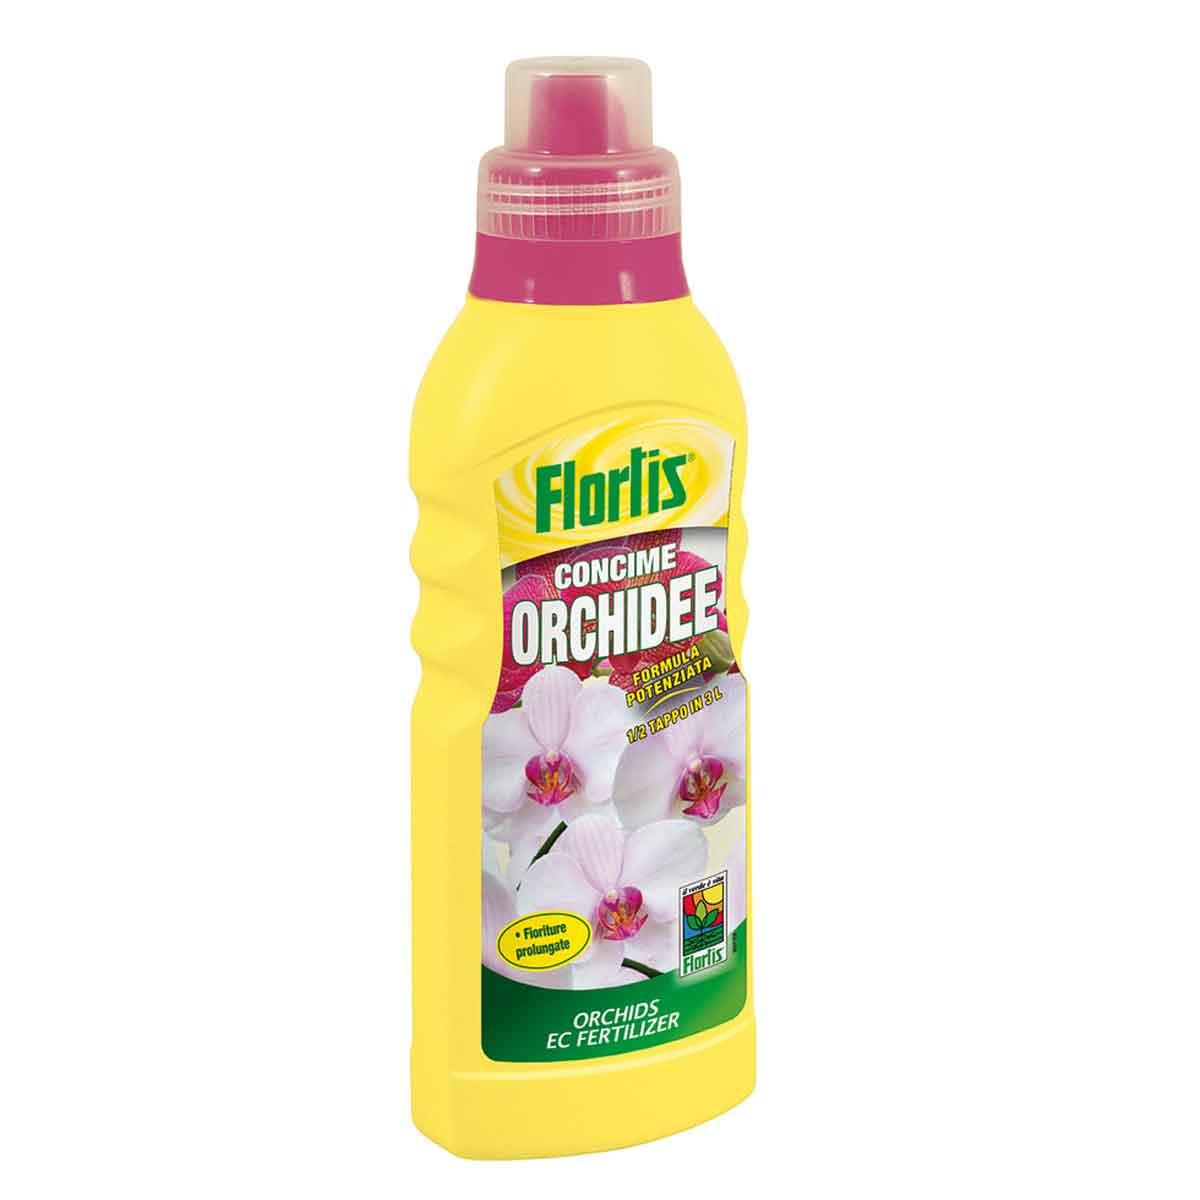 Flortis Concime liquido Orchidee